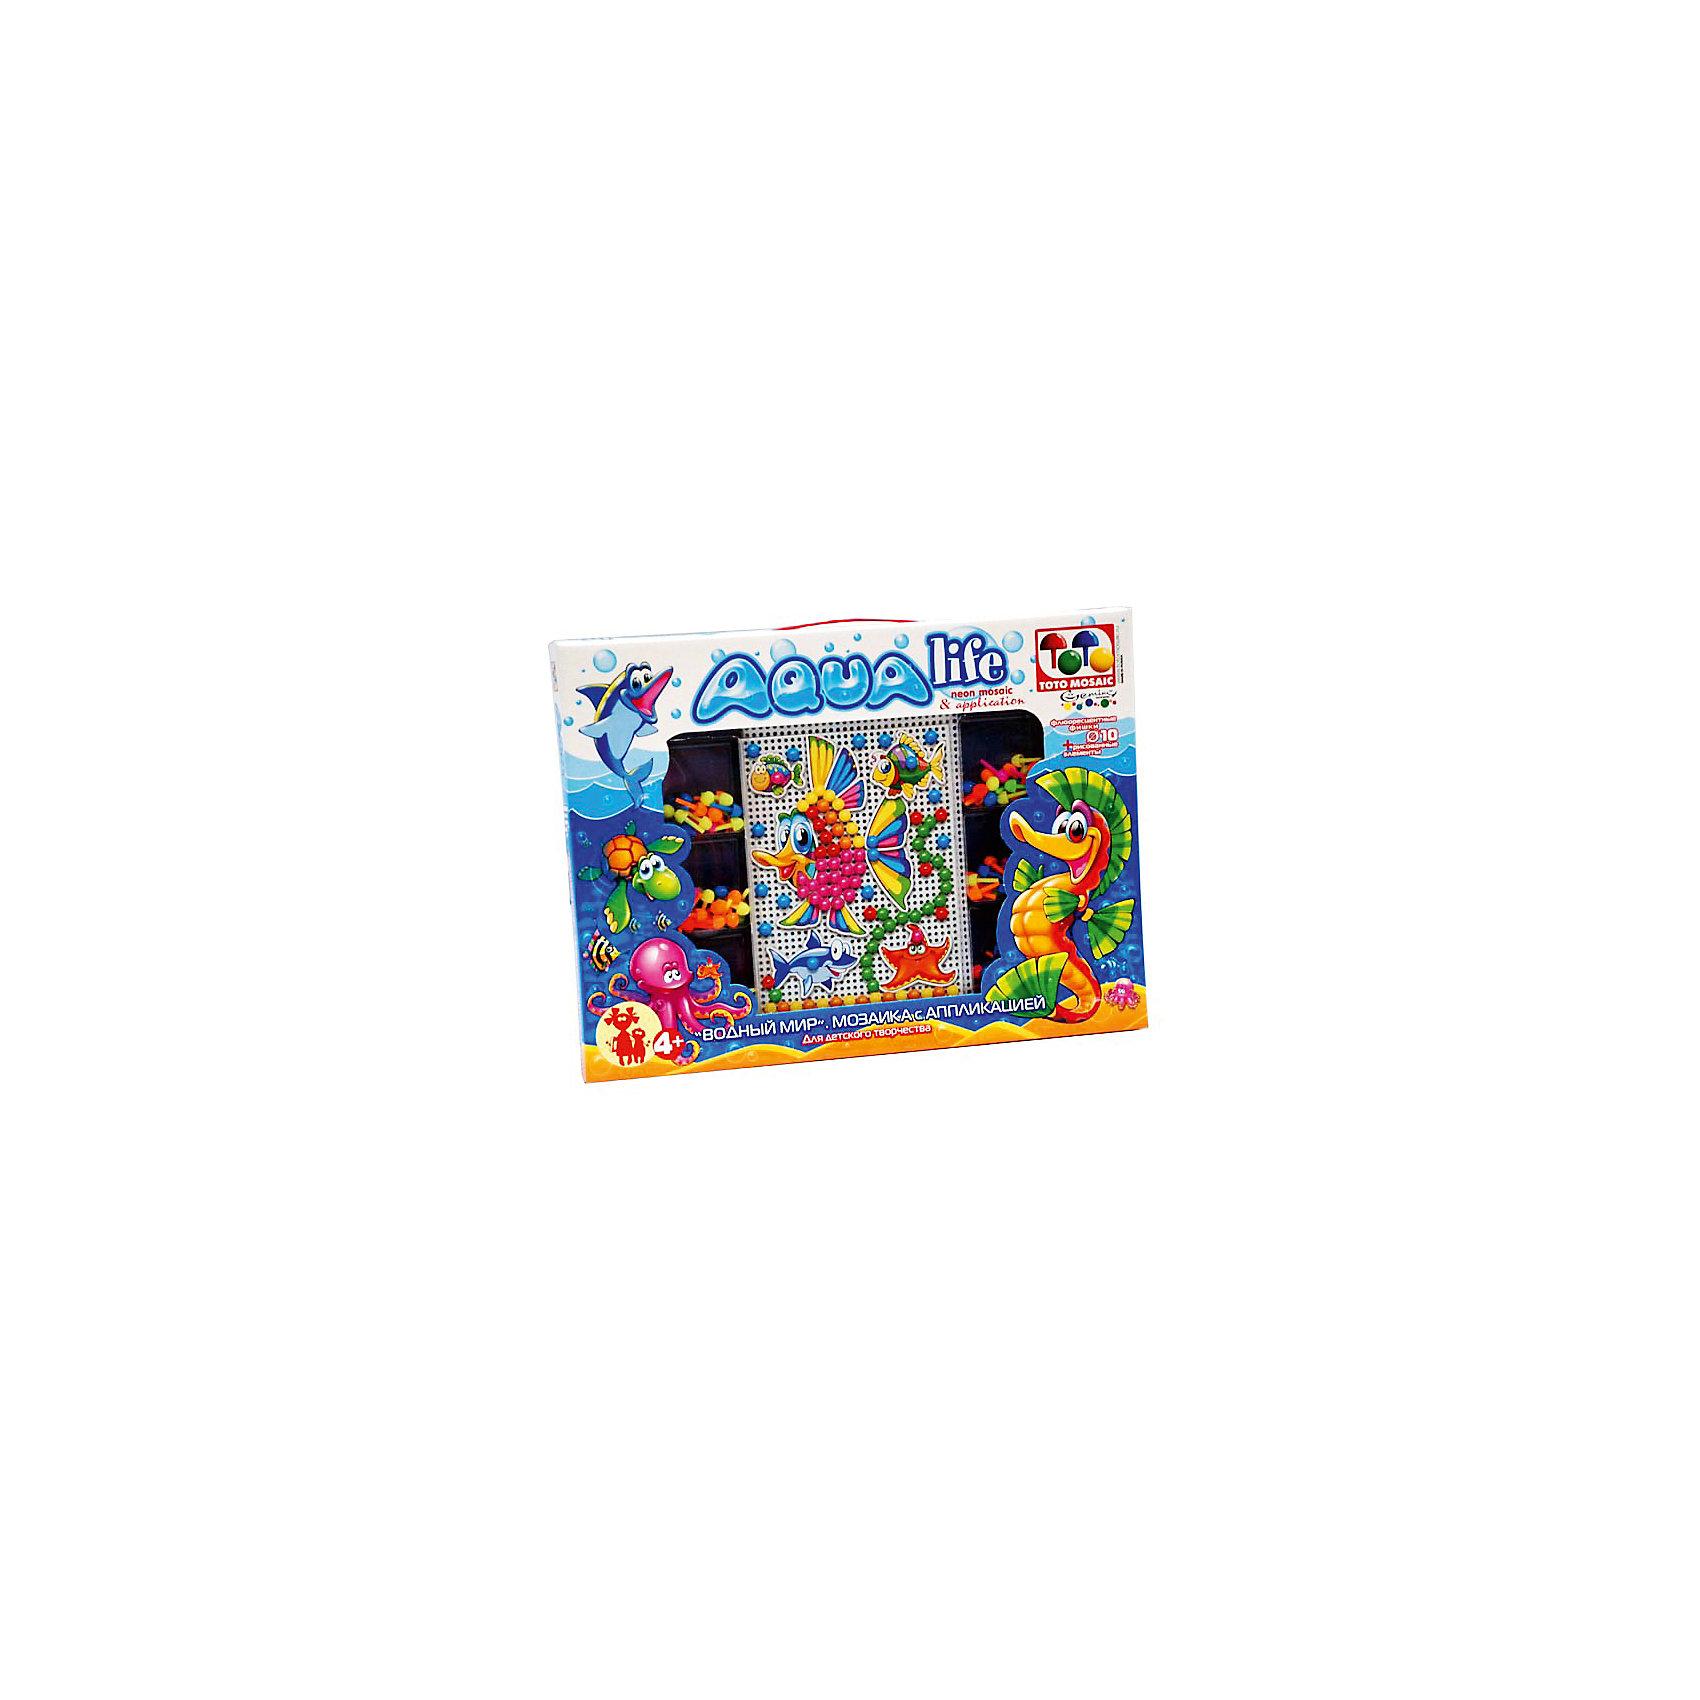 Toys Union Мозаика с аппликацией Водный мир, 140 деталей, д. 10 мм, Toys Union toys union мозаика с аппликацией пони 90 деталей д 15 мм toys union